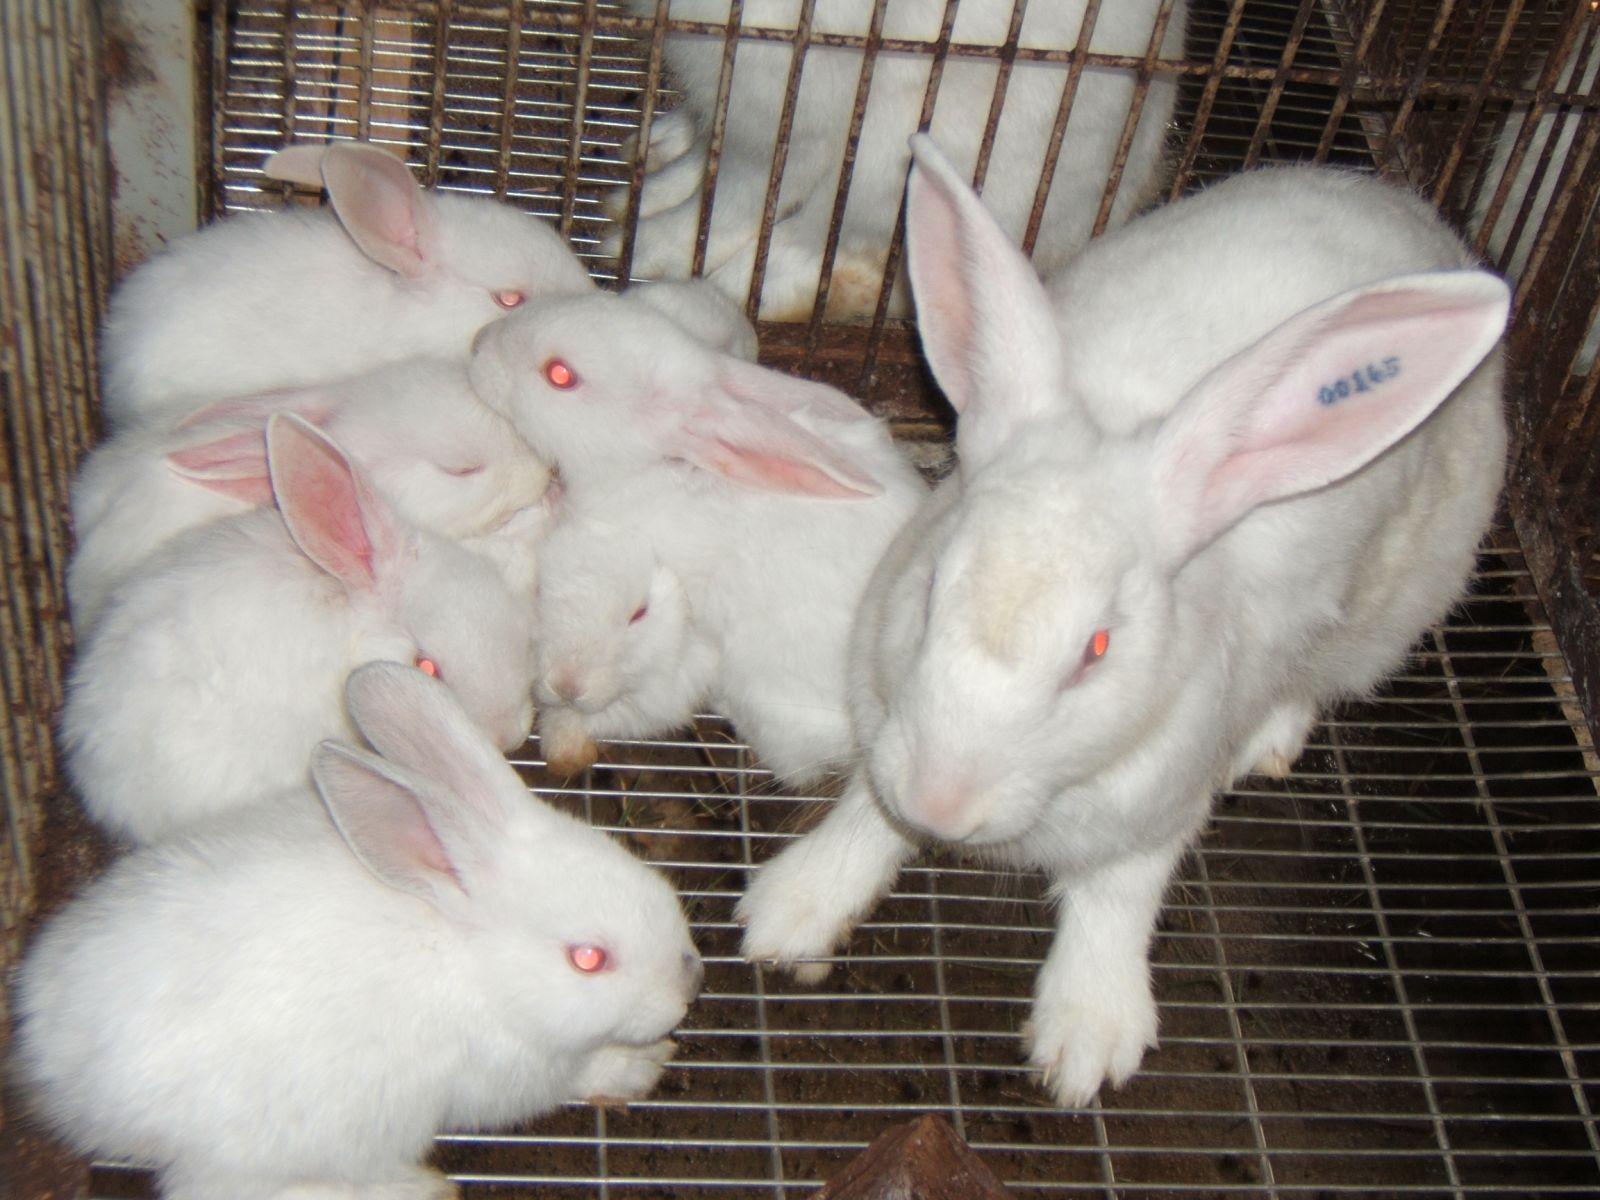 Chăn nuôi thỏ trắng New Zealand  theo hình thức bán công nghiệp (29/9/2019)